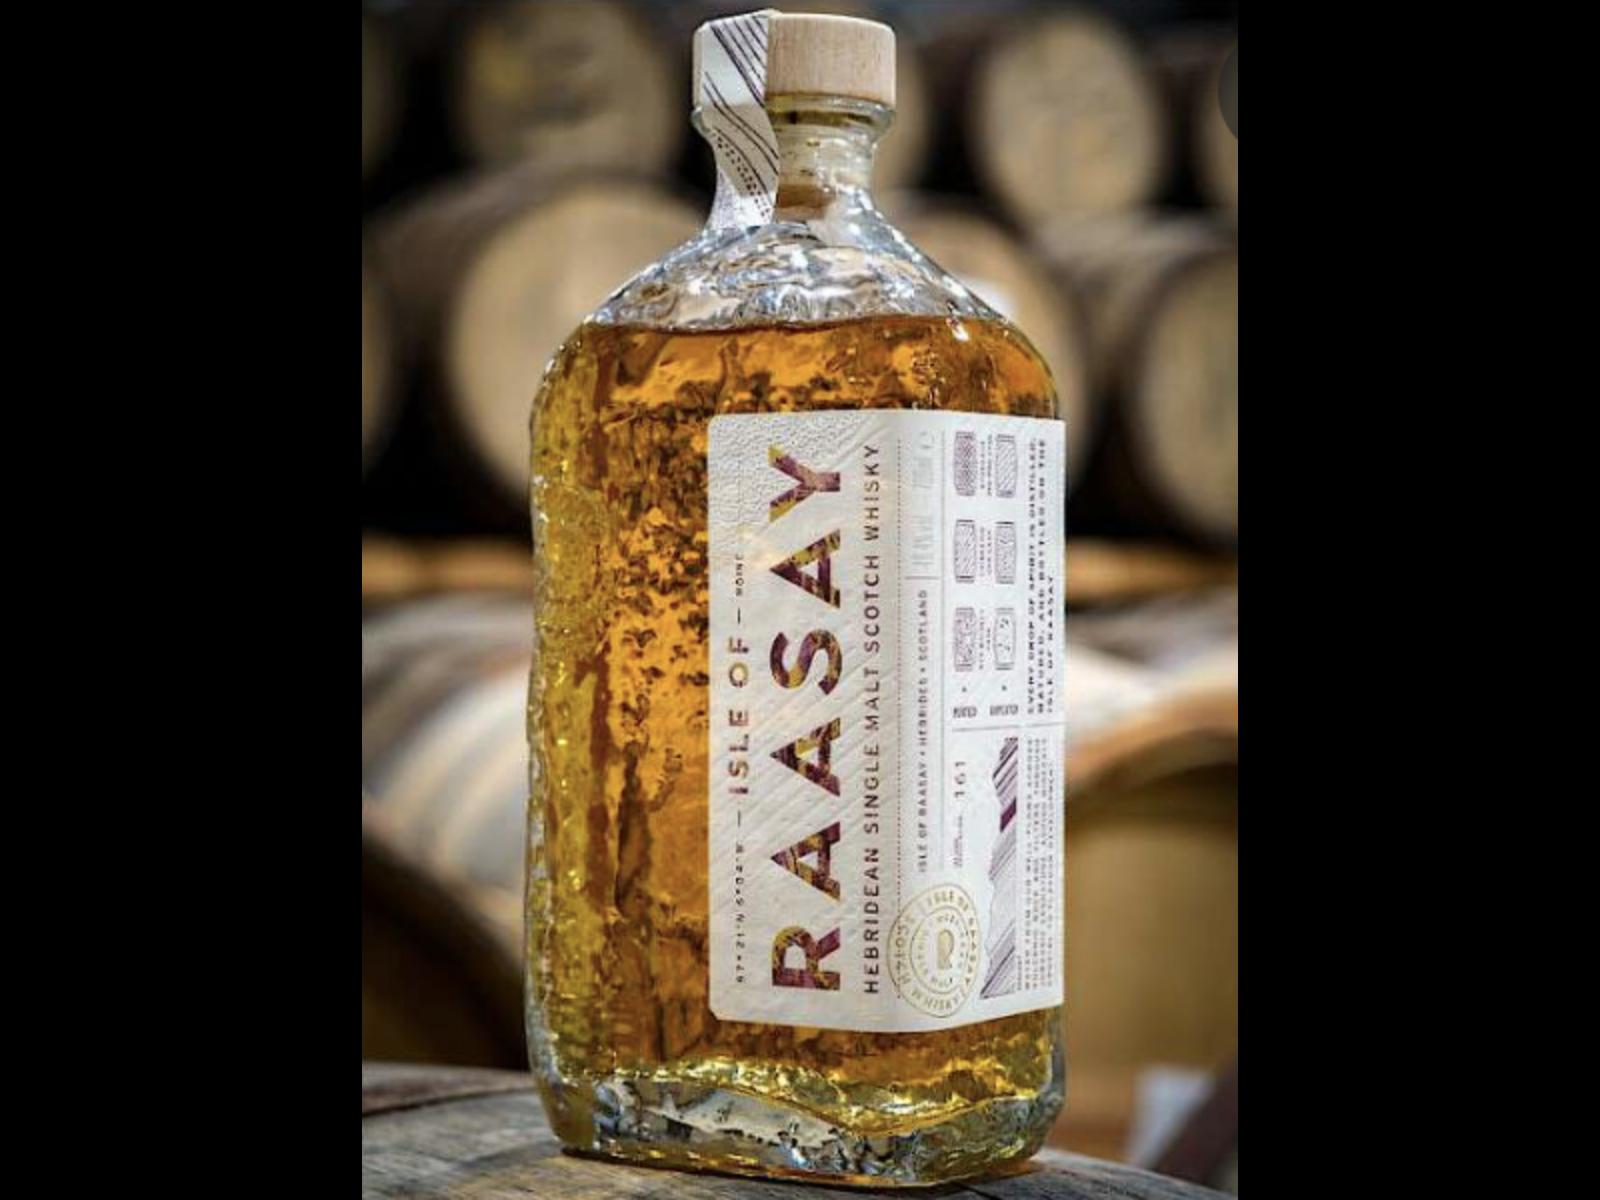 Isle of Raasay Isle of Raasay / Single Malt